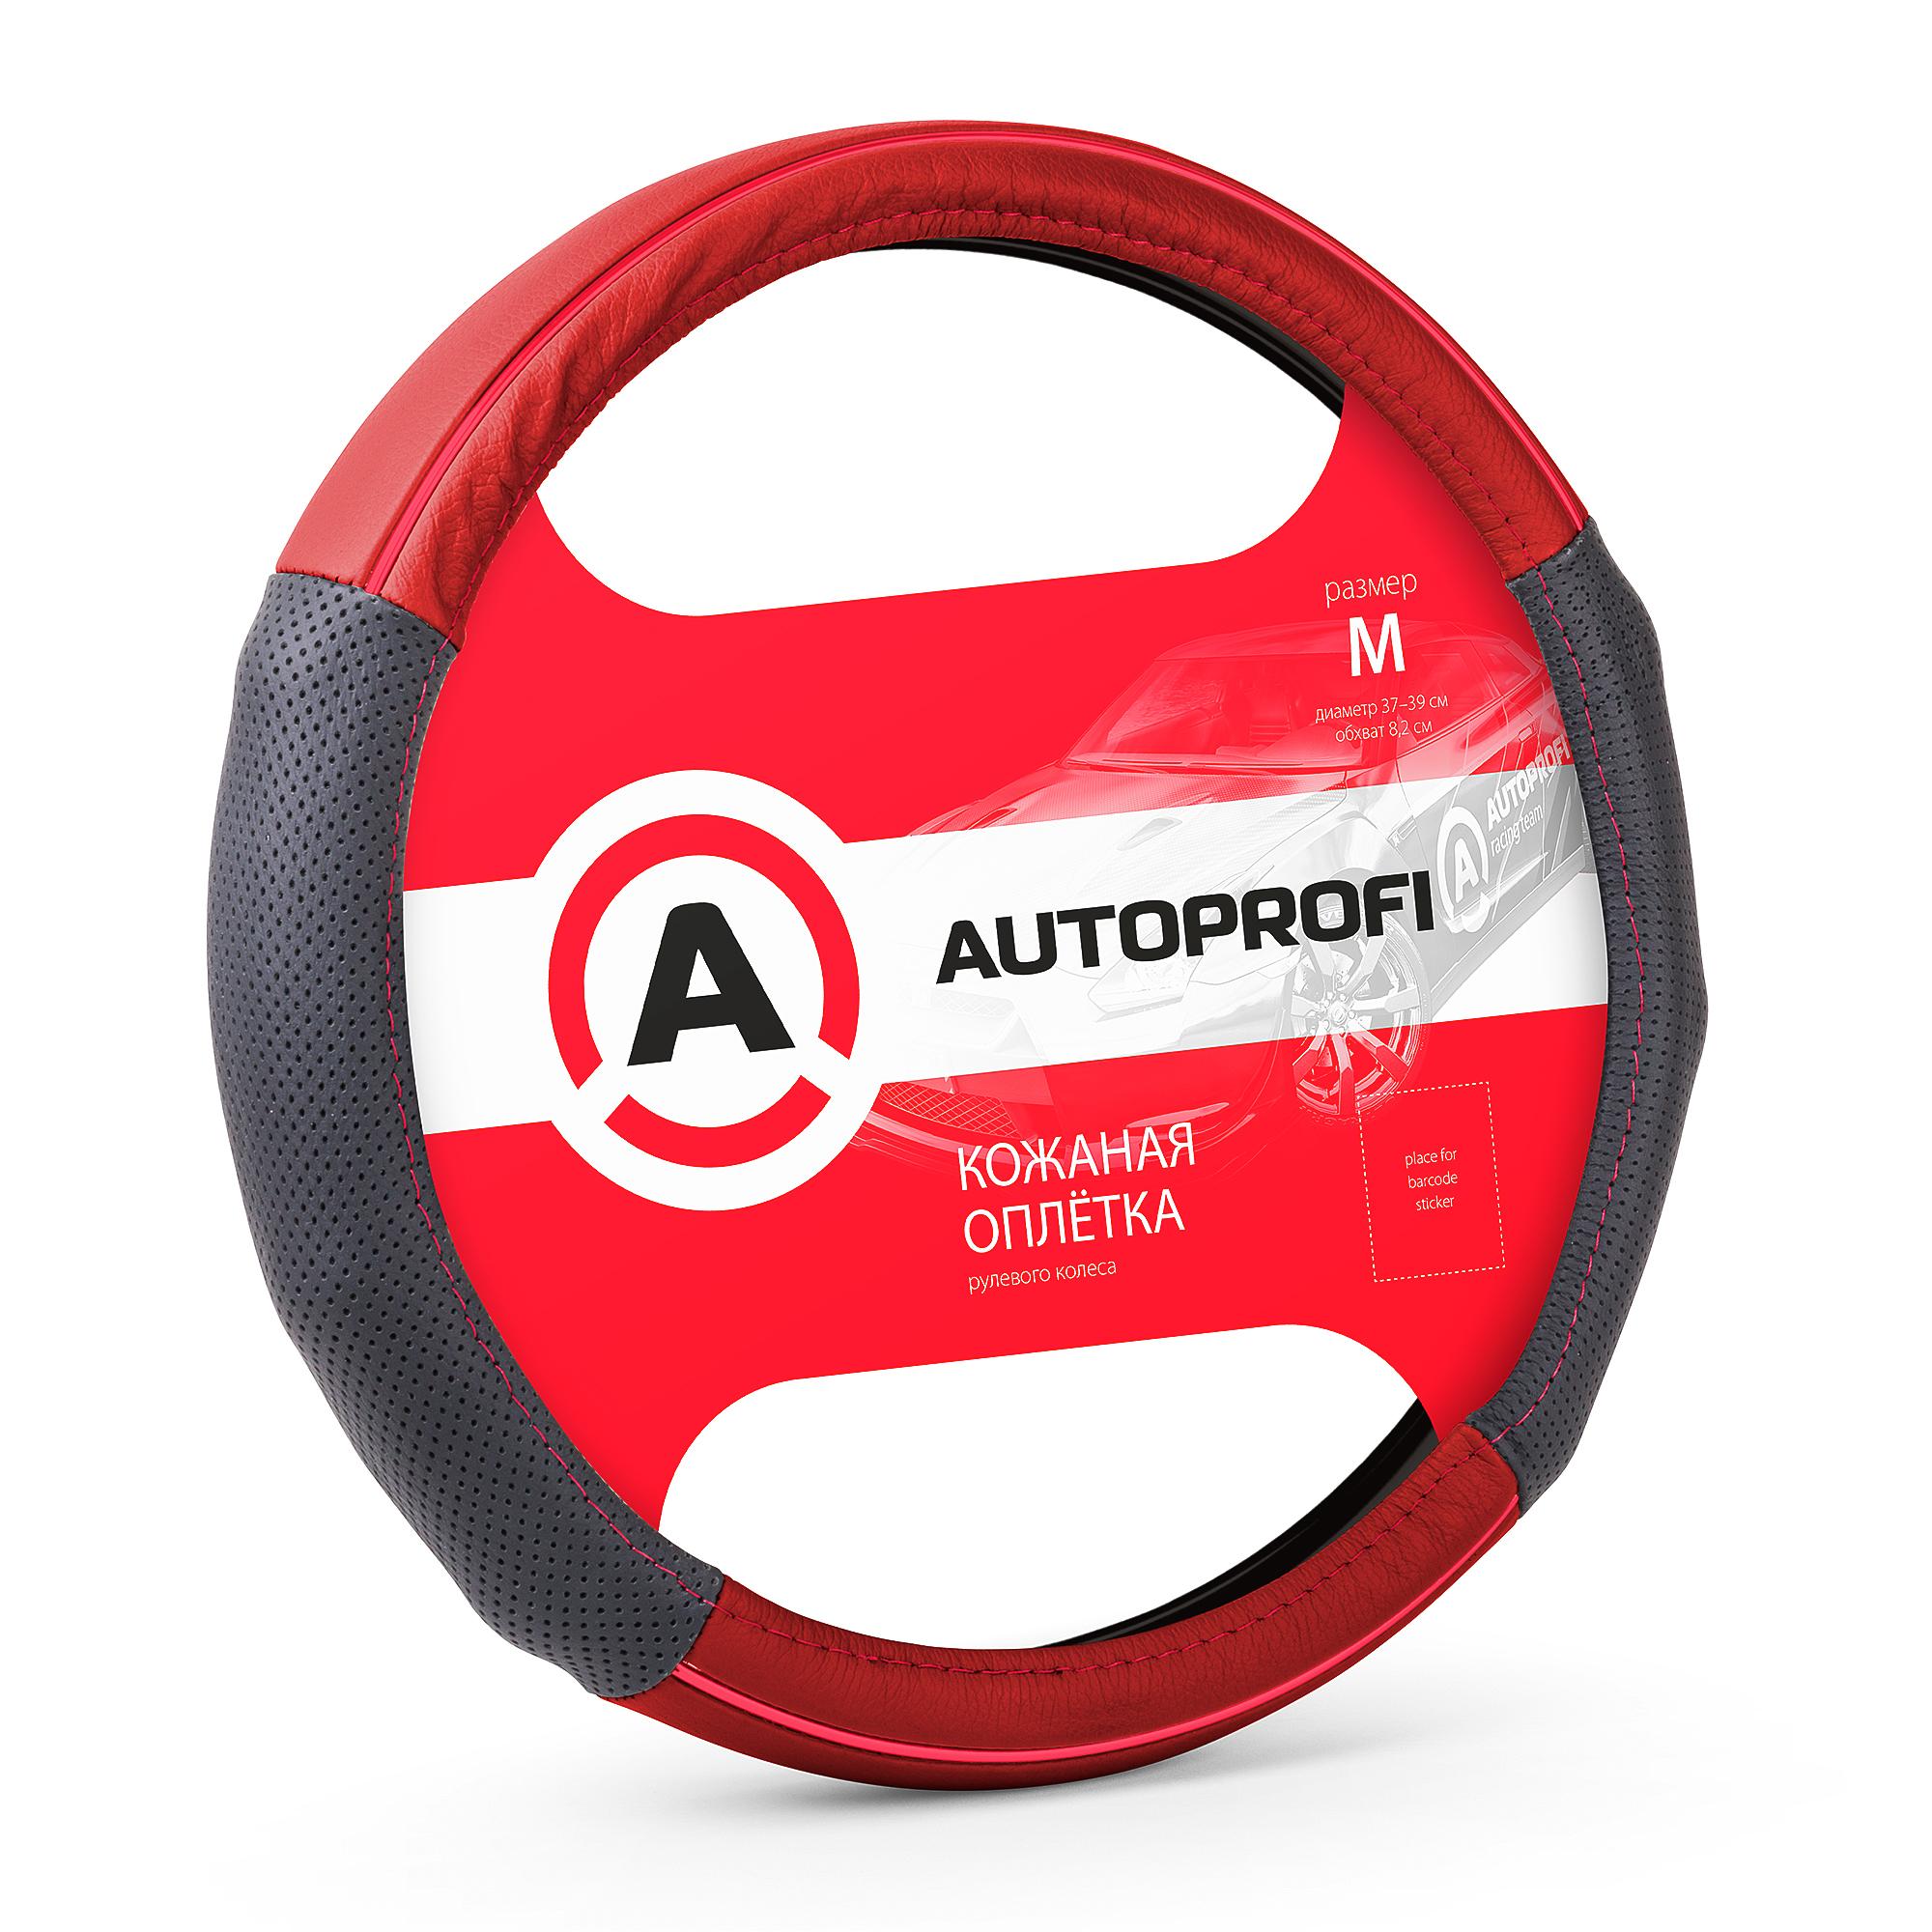 Оплетка Autoprofi Ap-1060 bk/rd (m)